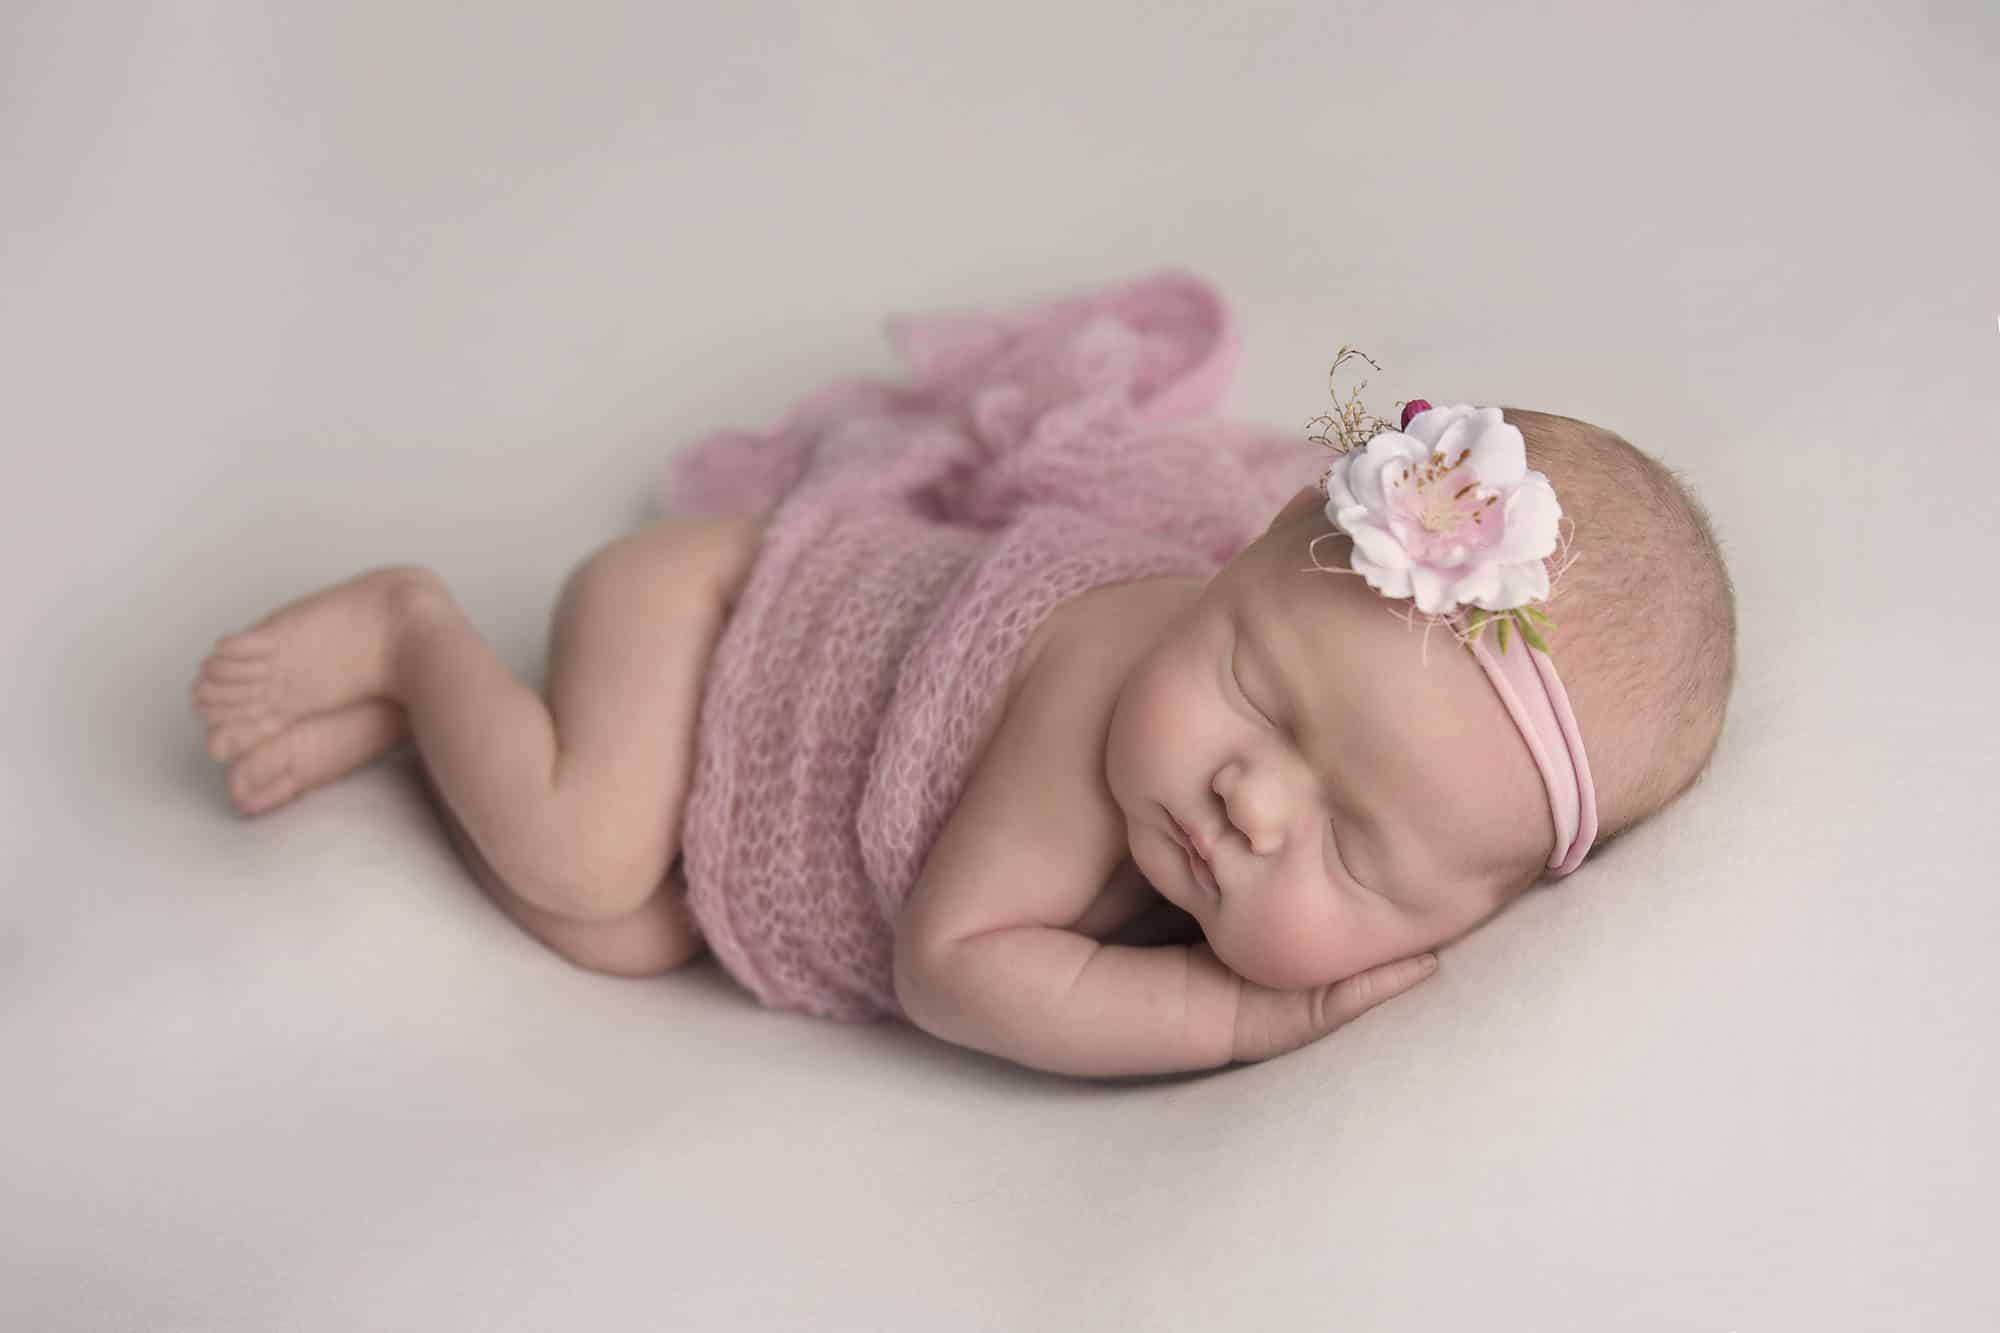 newborn girl sleeping on white blanket photographed by Newborn Photographer Cheshire